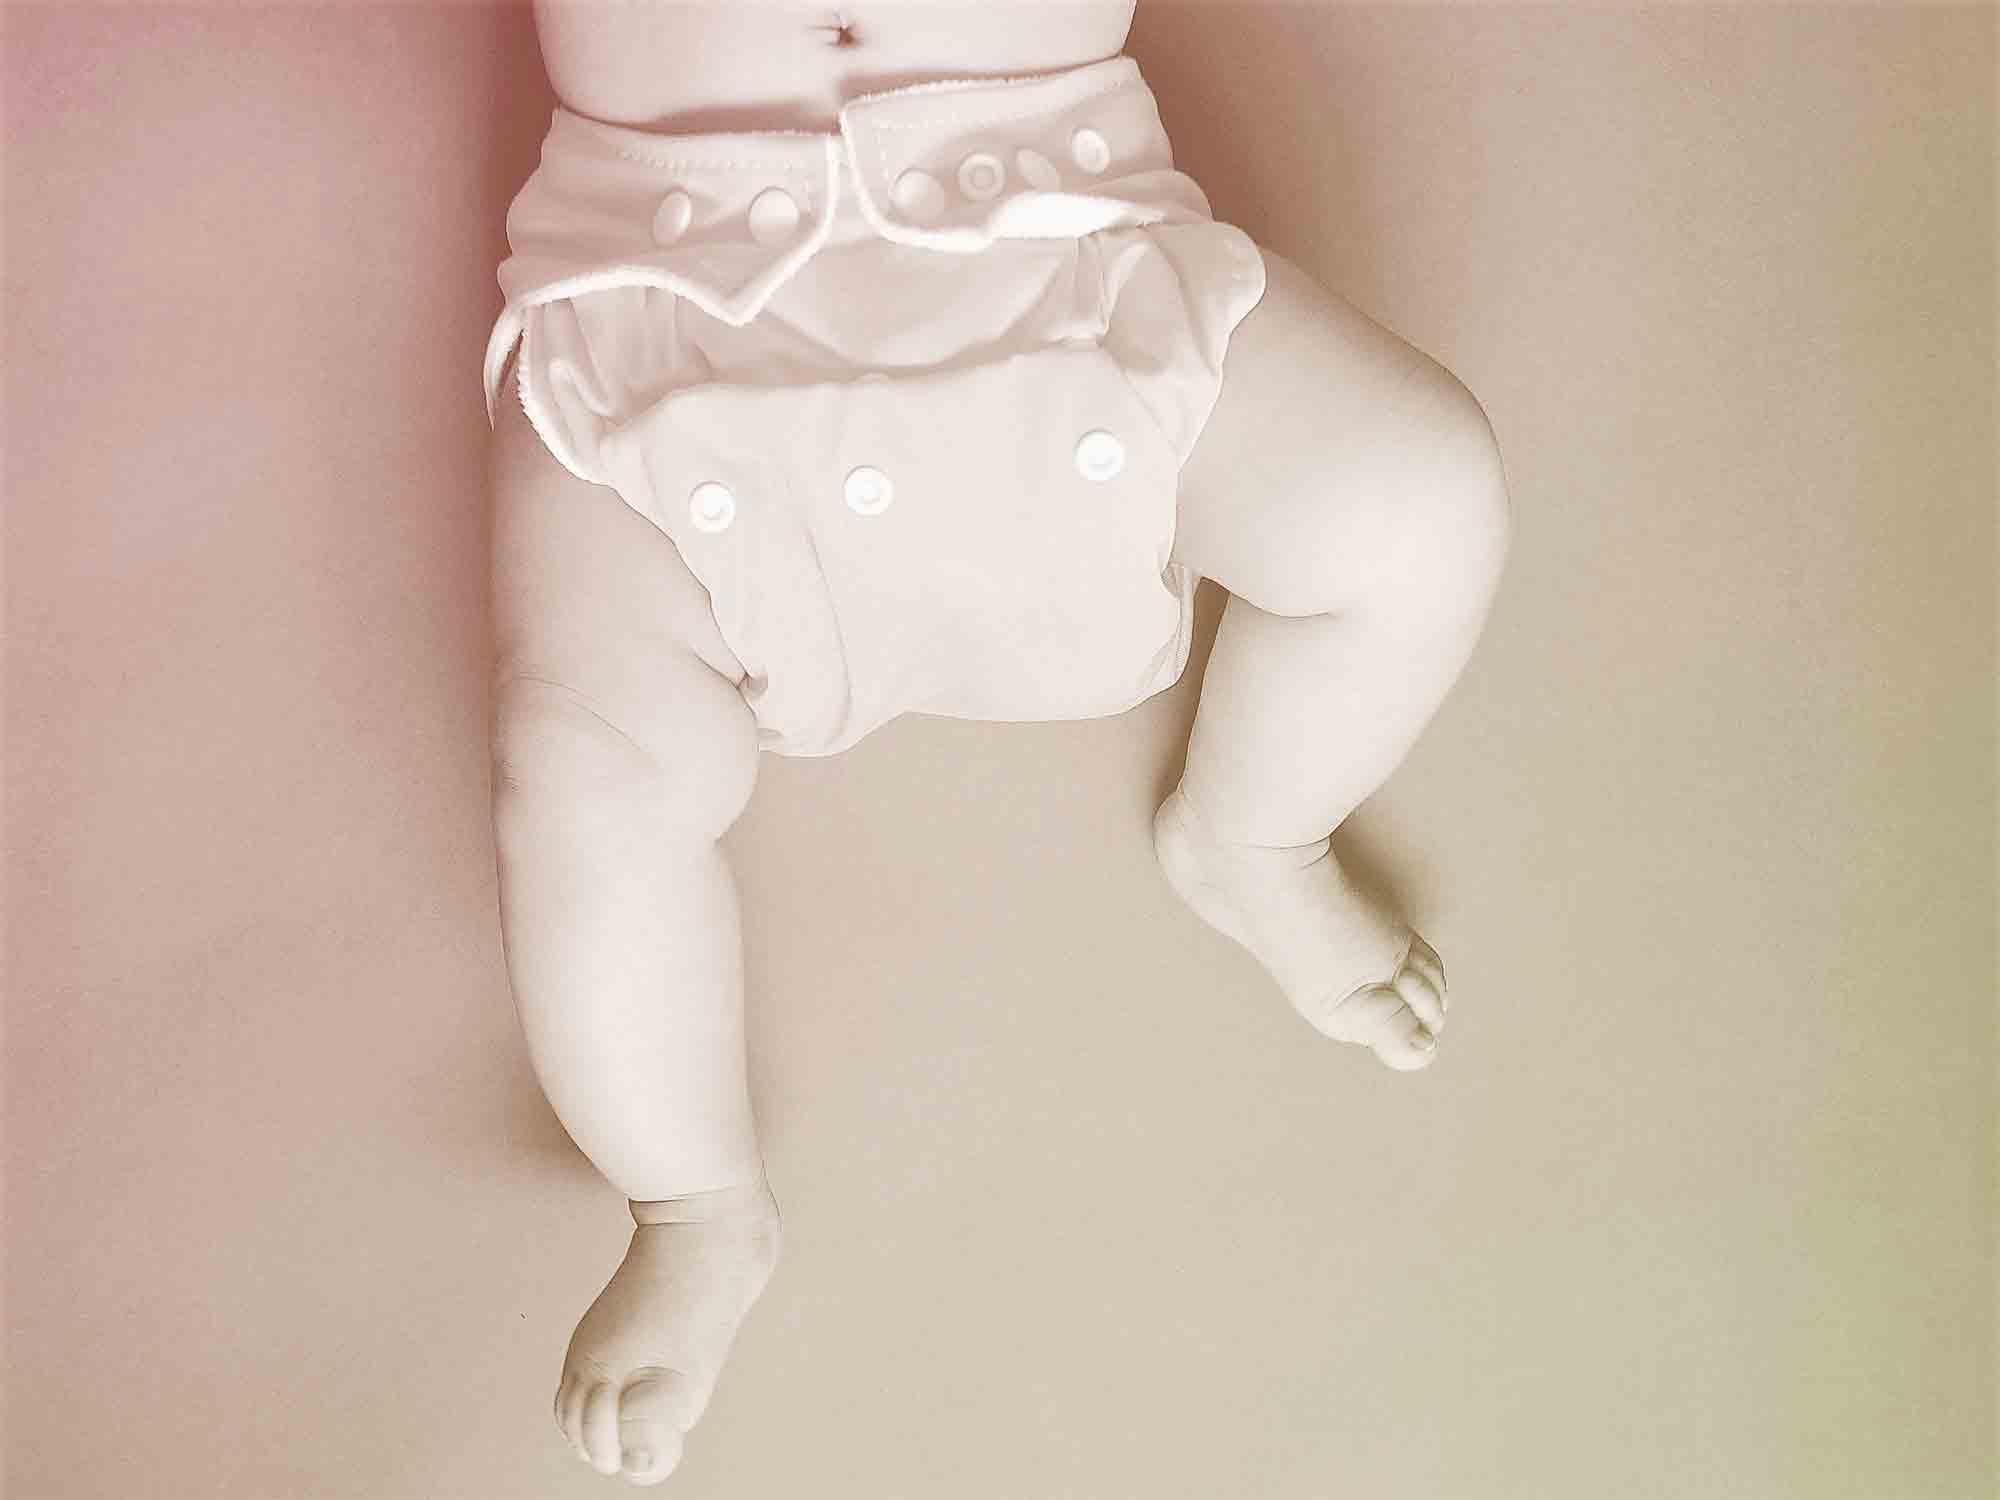 پوشک پارچه ای کودک | مرکز خدمات بالینی در منزل پارسیان مهرپرور